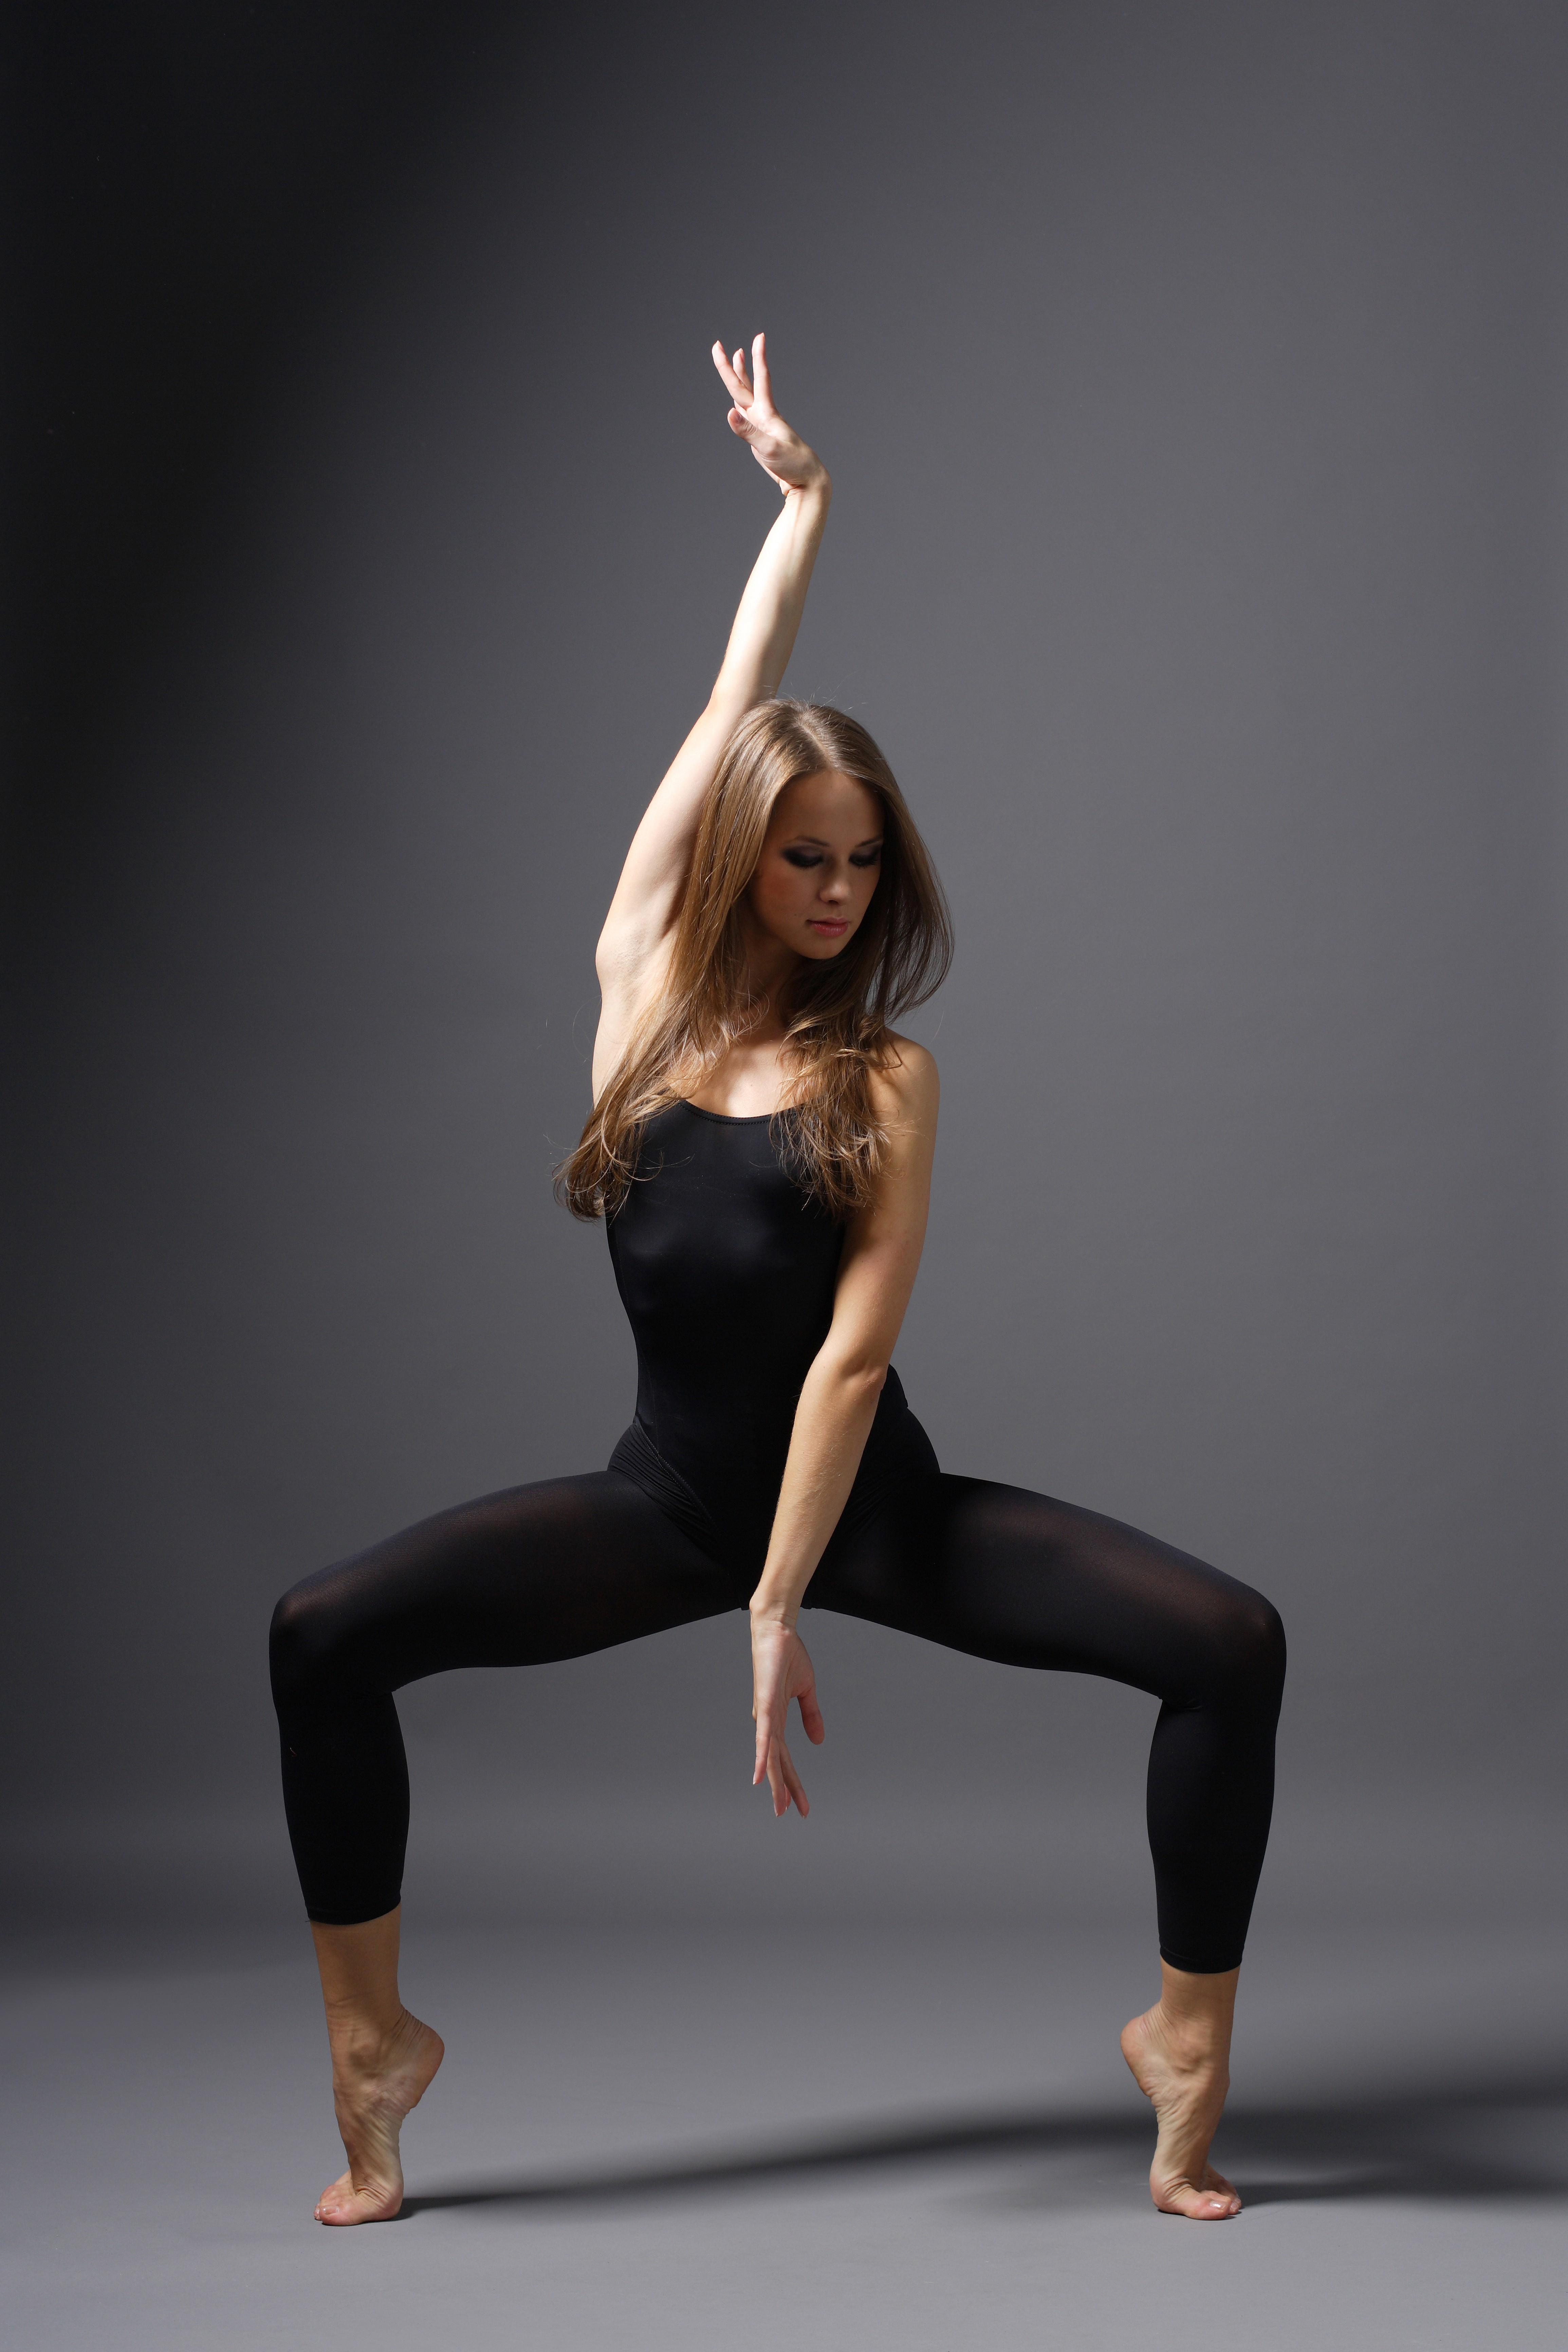 позы танцовщиц на фото вызвать затруднение может